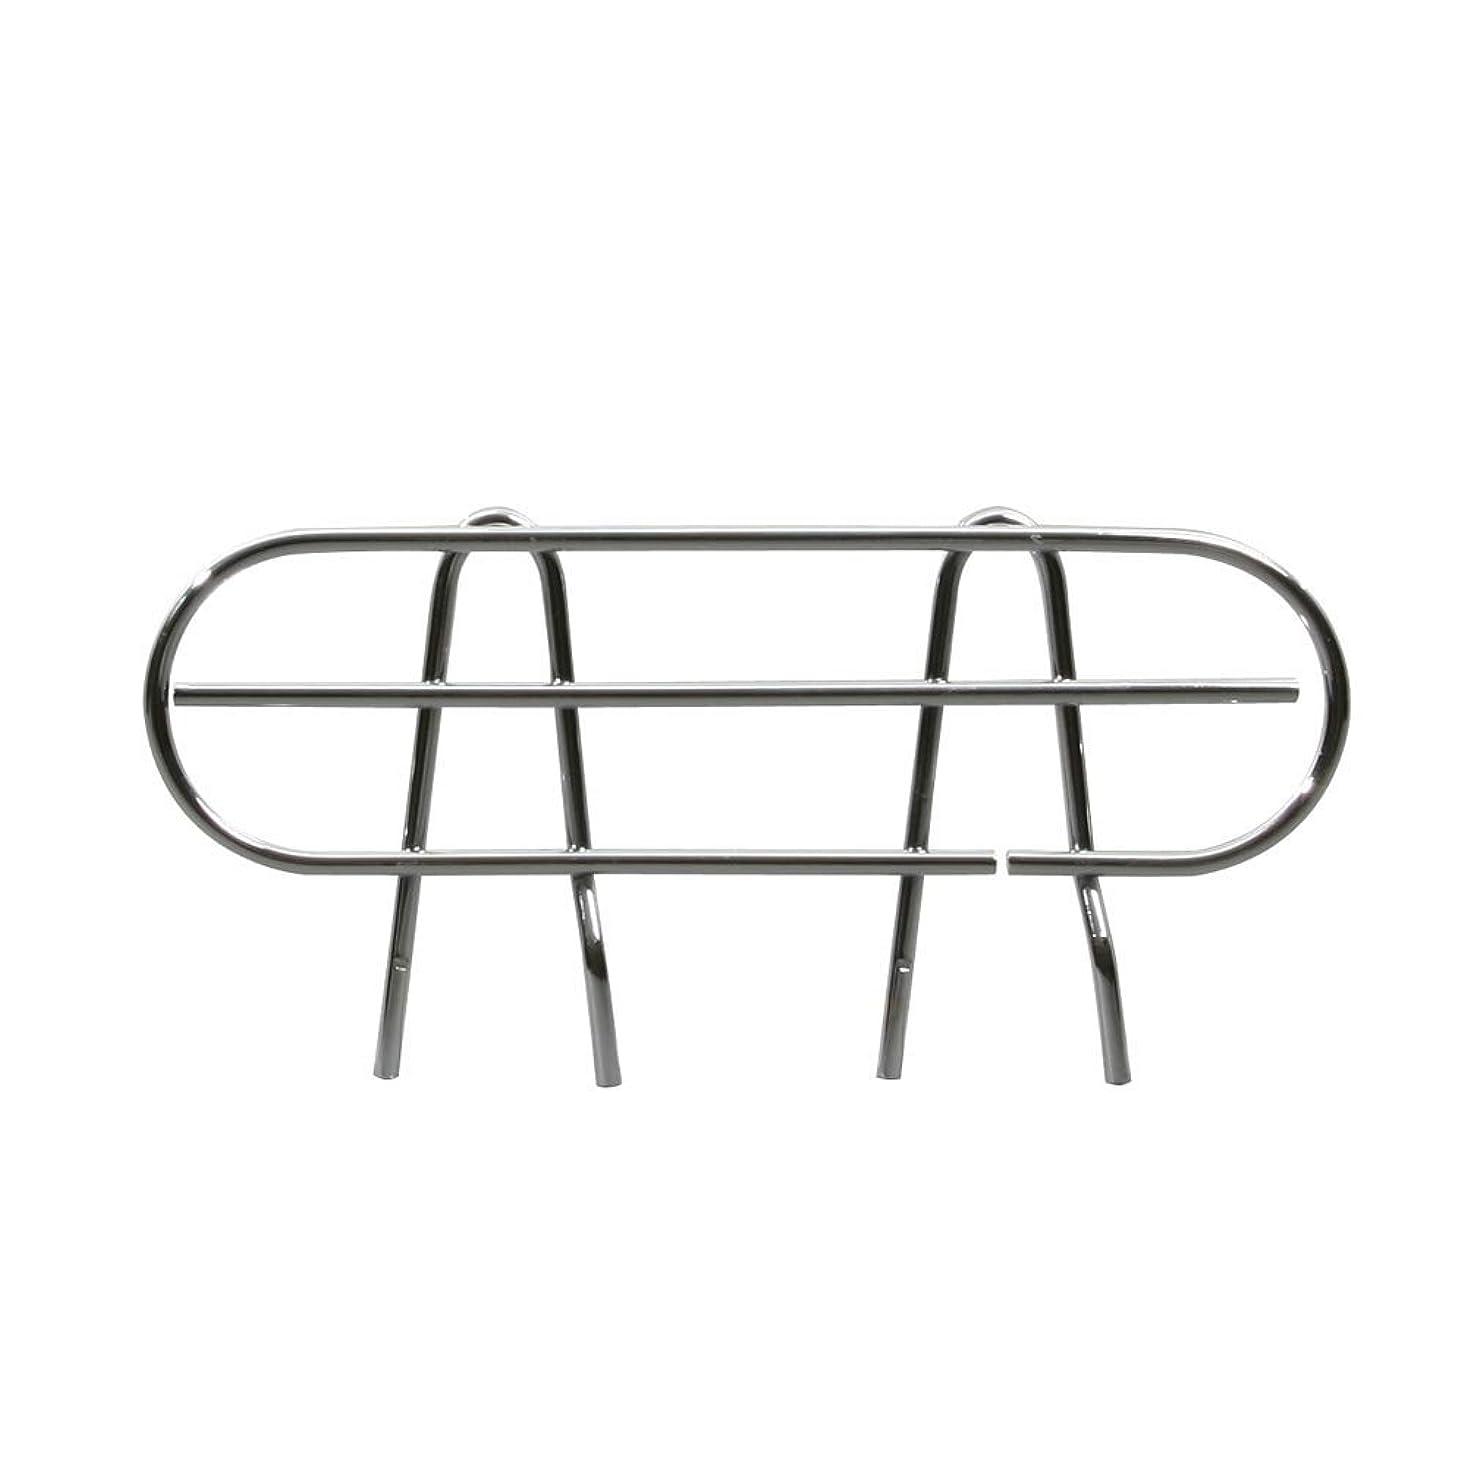 贅沢精神的に海洋のルミナス ポール径25mm用パーツ 機能性アップパーツ サポート柵(こぼれ防止) 奥行35.5cm棚用 幅29×高さ11cm 25SB035